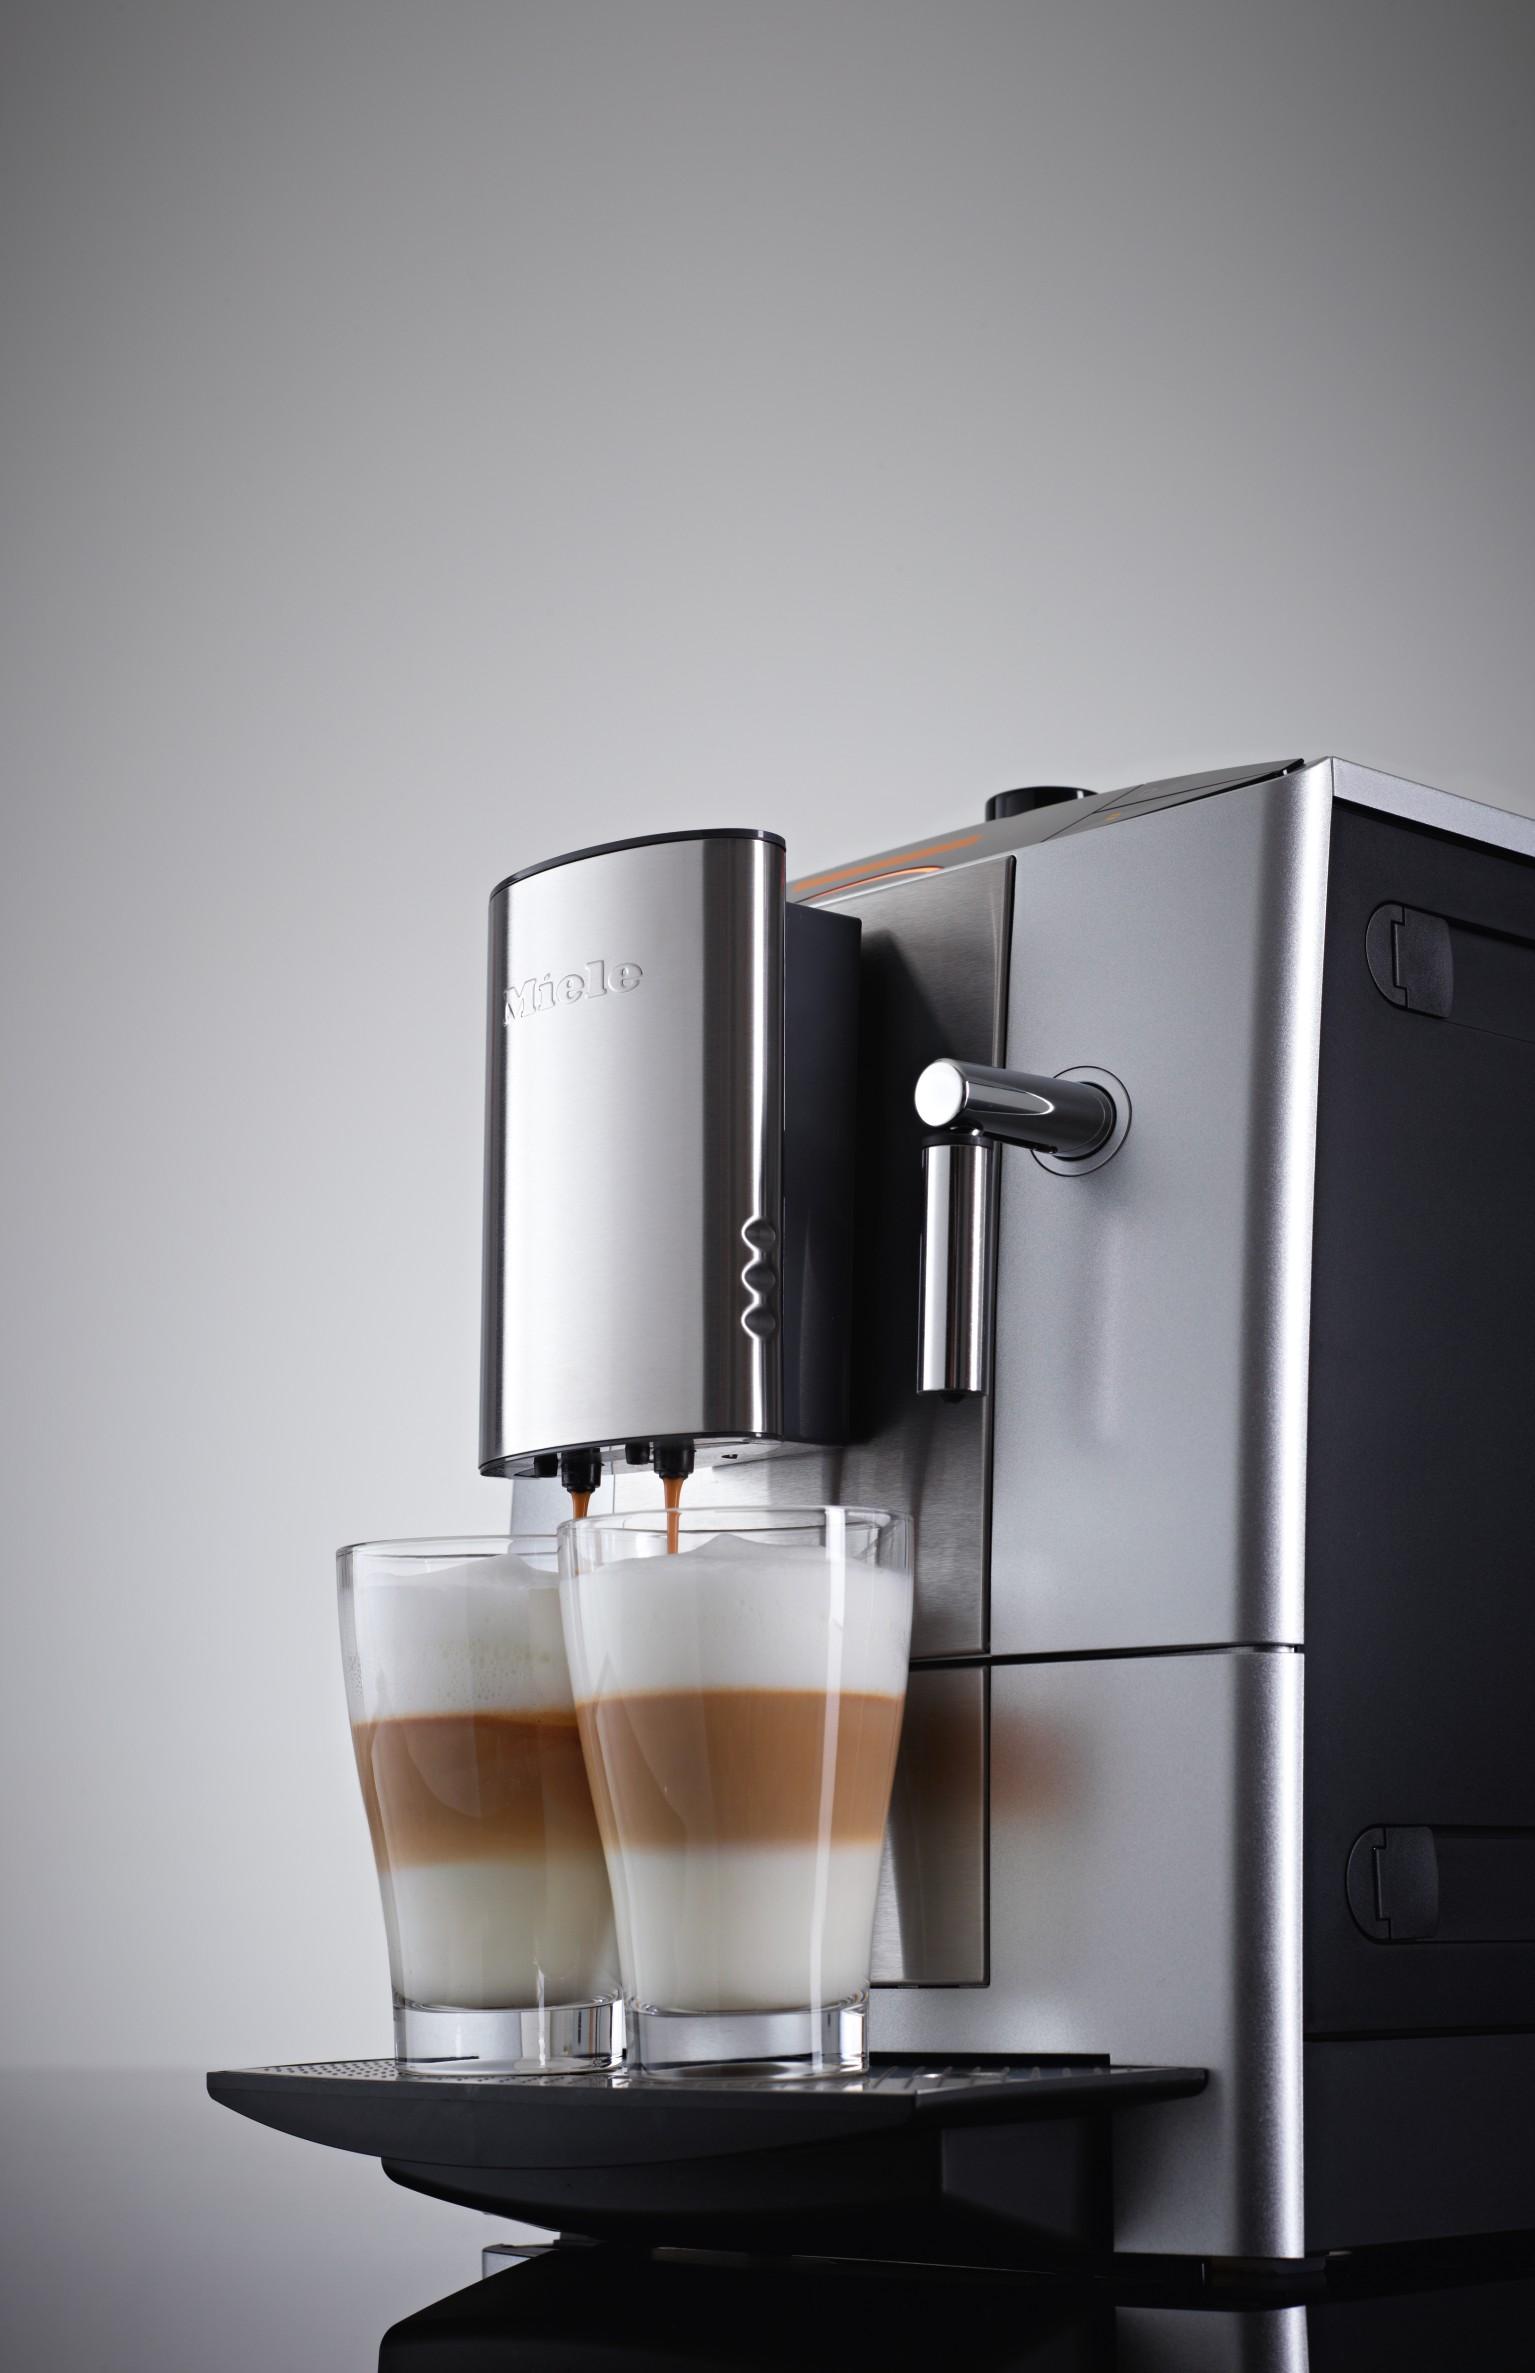 miele cm5200 silveredition kaffeevollautomat das sondermodell ein schmuckst ck in silber. Black Bedroom Furniture Sets. Home Design Ideas